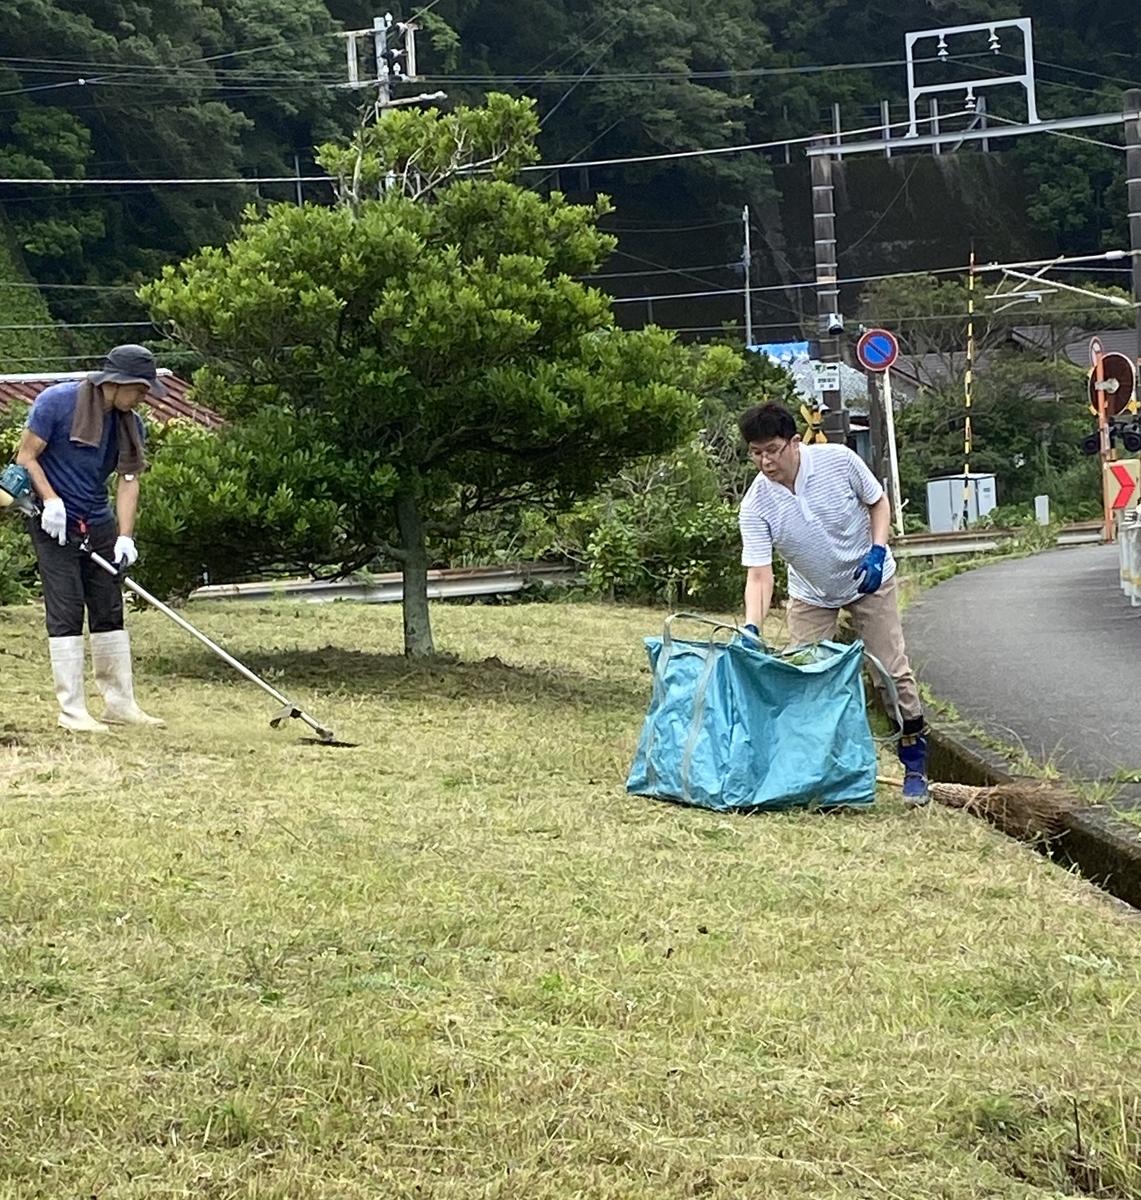 f:id:nishikien:20200627114925j:plain